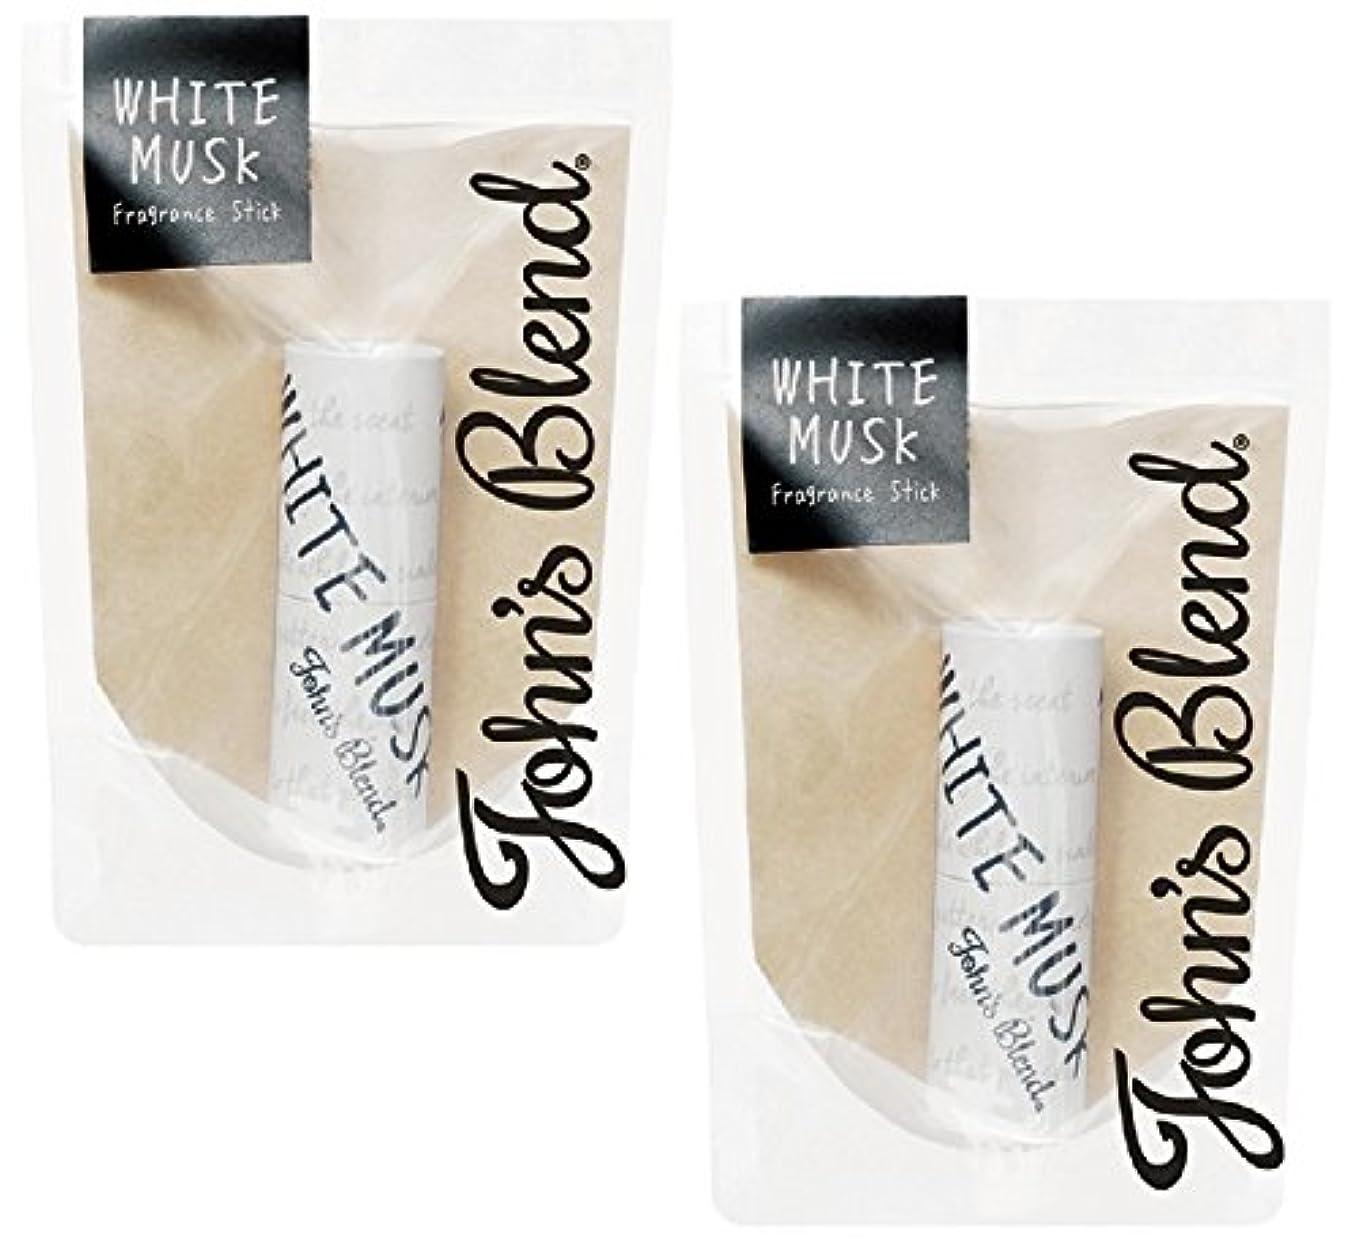 バッチ疼痛瞑想する【2個セット】Johns Blend 練り香水 フレグランス スティック ホワイトムスク の香り OZ-JOD-3-1